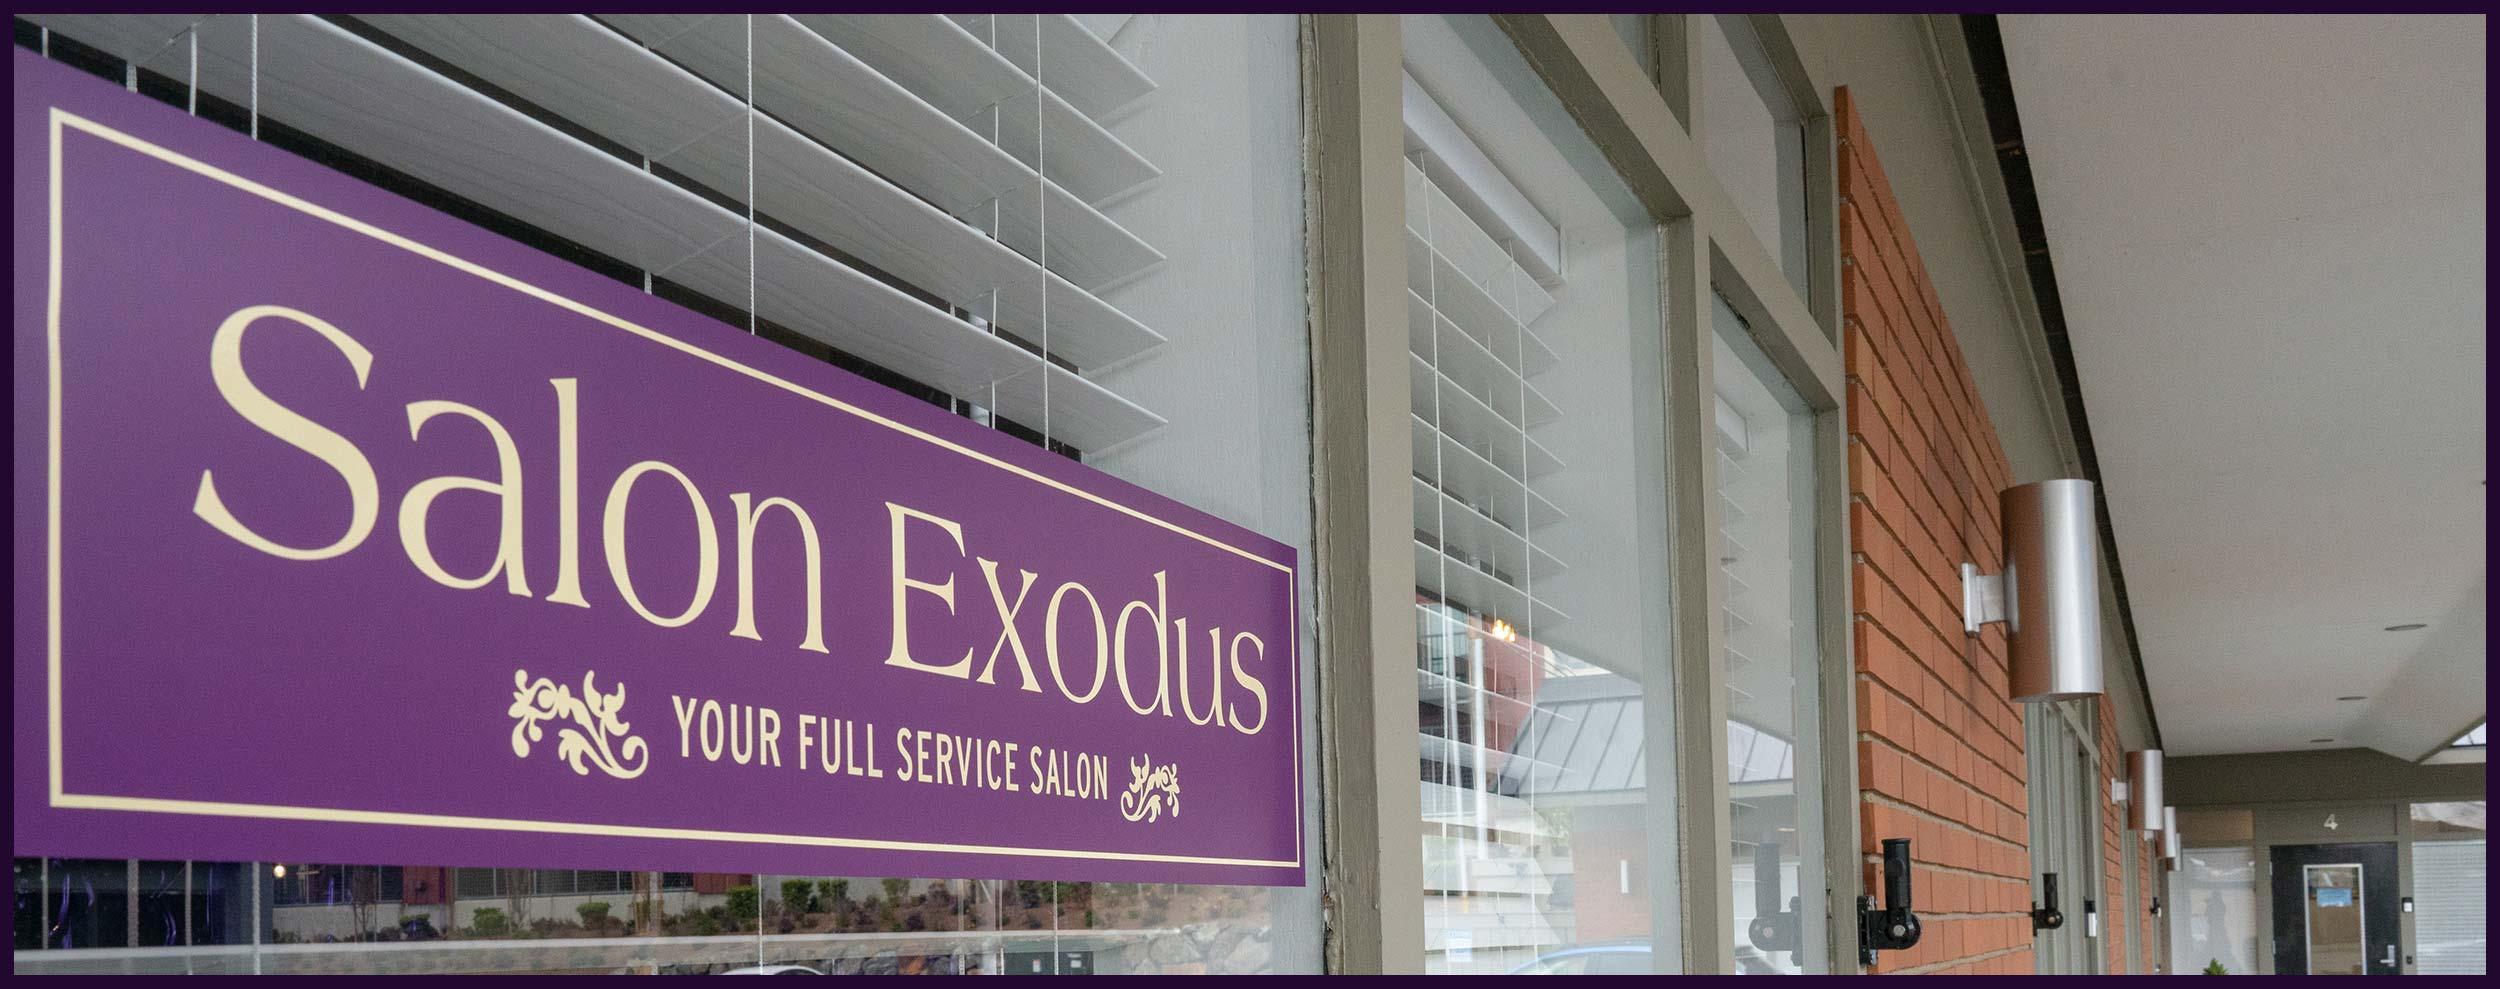 Salon-Exodus-Sign.jpg